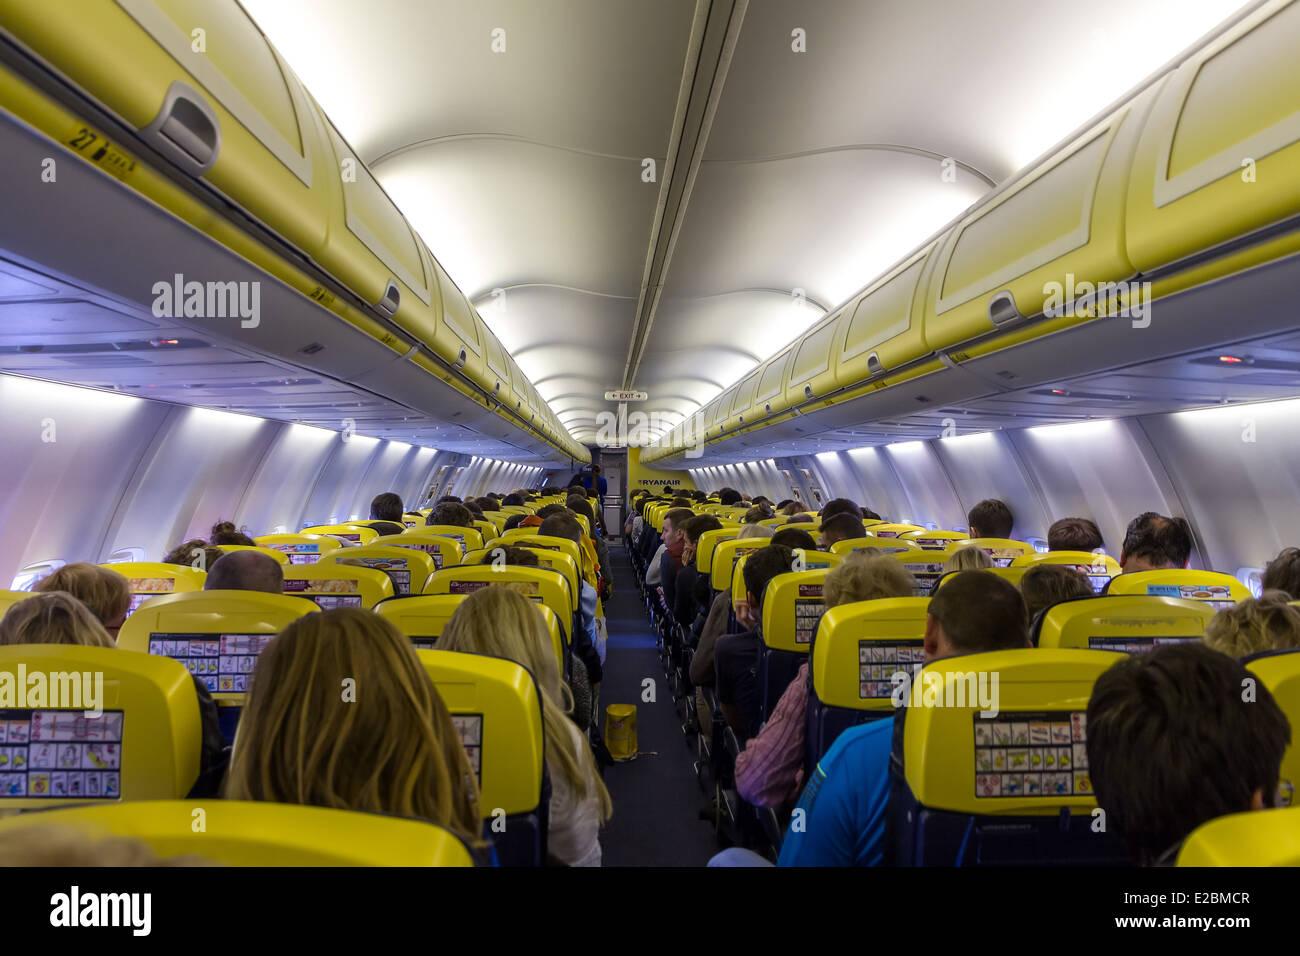 El habitáculo de la compañía aeronáutica Ryanair el 2 de mayo de 2014. Ryanair es una de las mayores aerolíneas europeas de bajo coste por Foto de stock